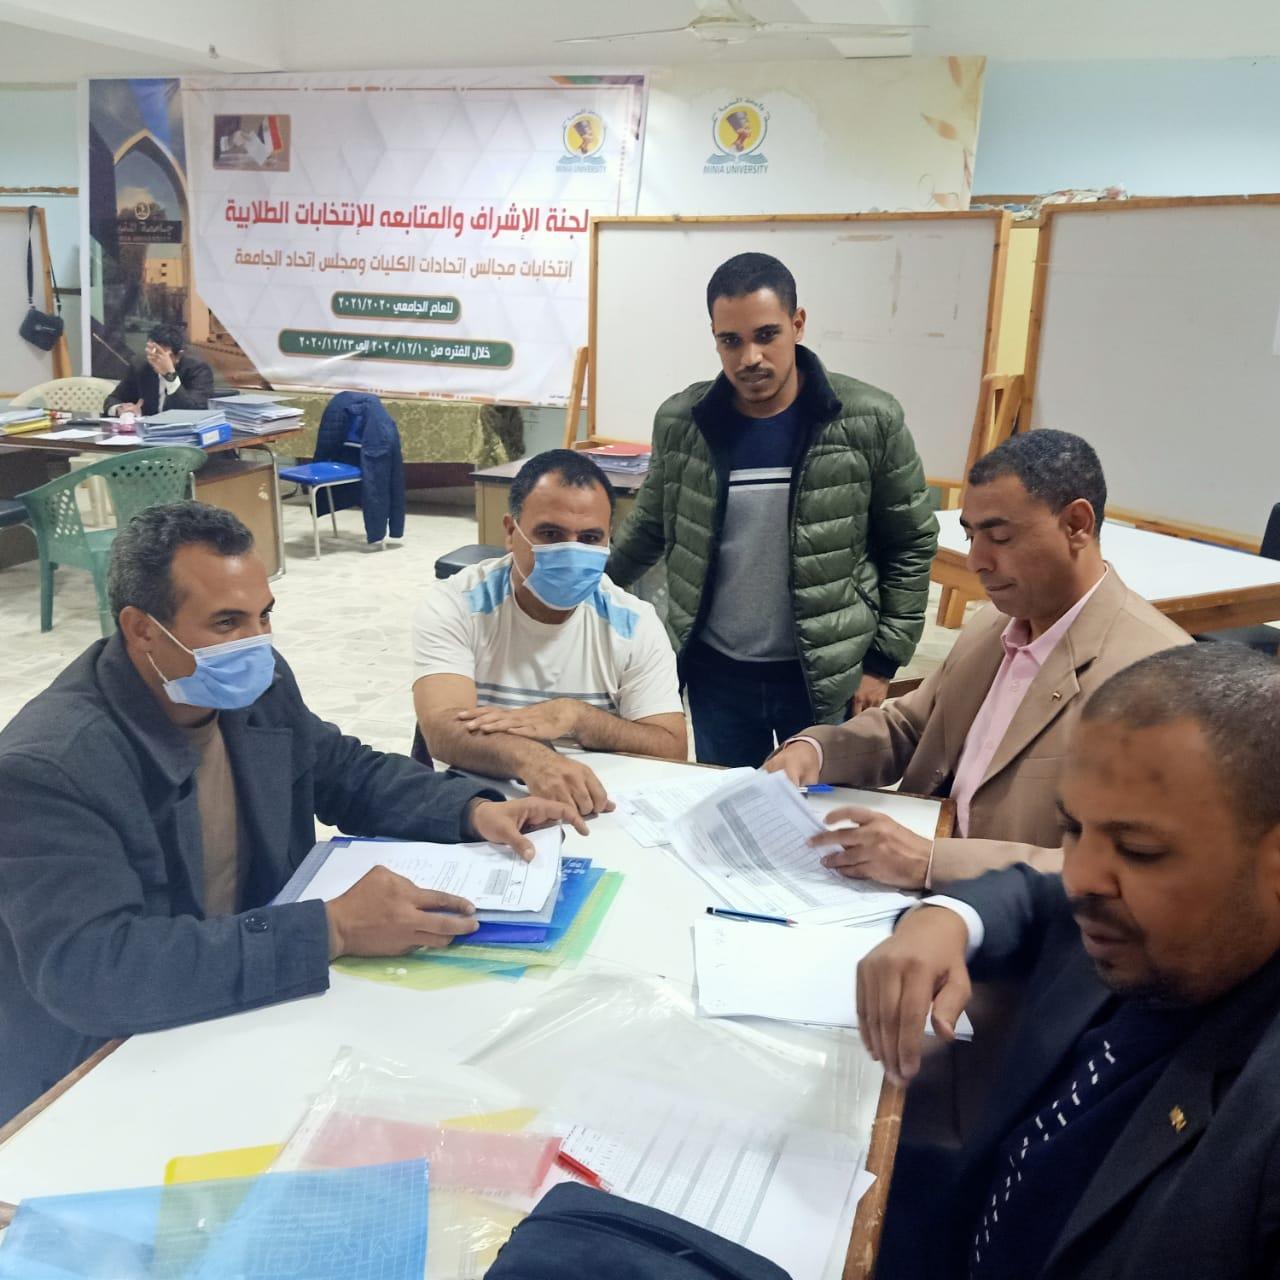 جامعة المنيا تعلن الكشوف النهائية للمرشحين بانتخابات الاتحادات الطلابية